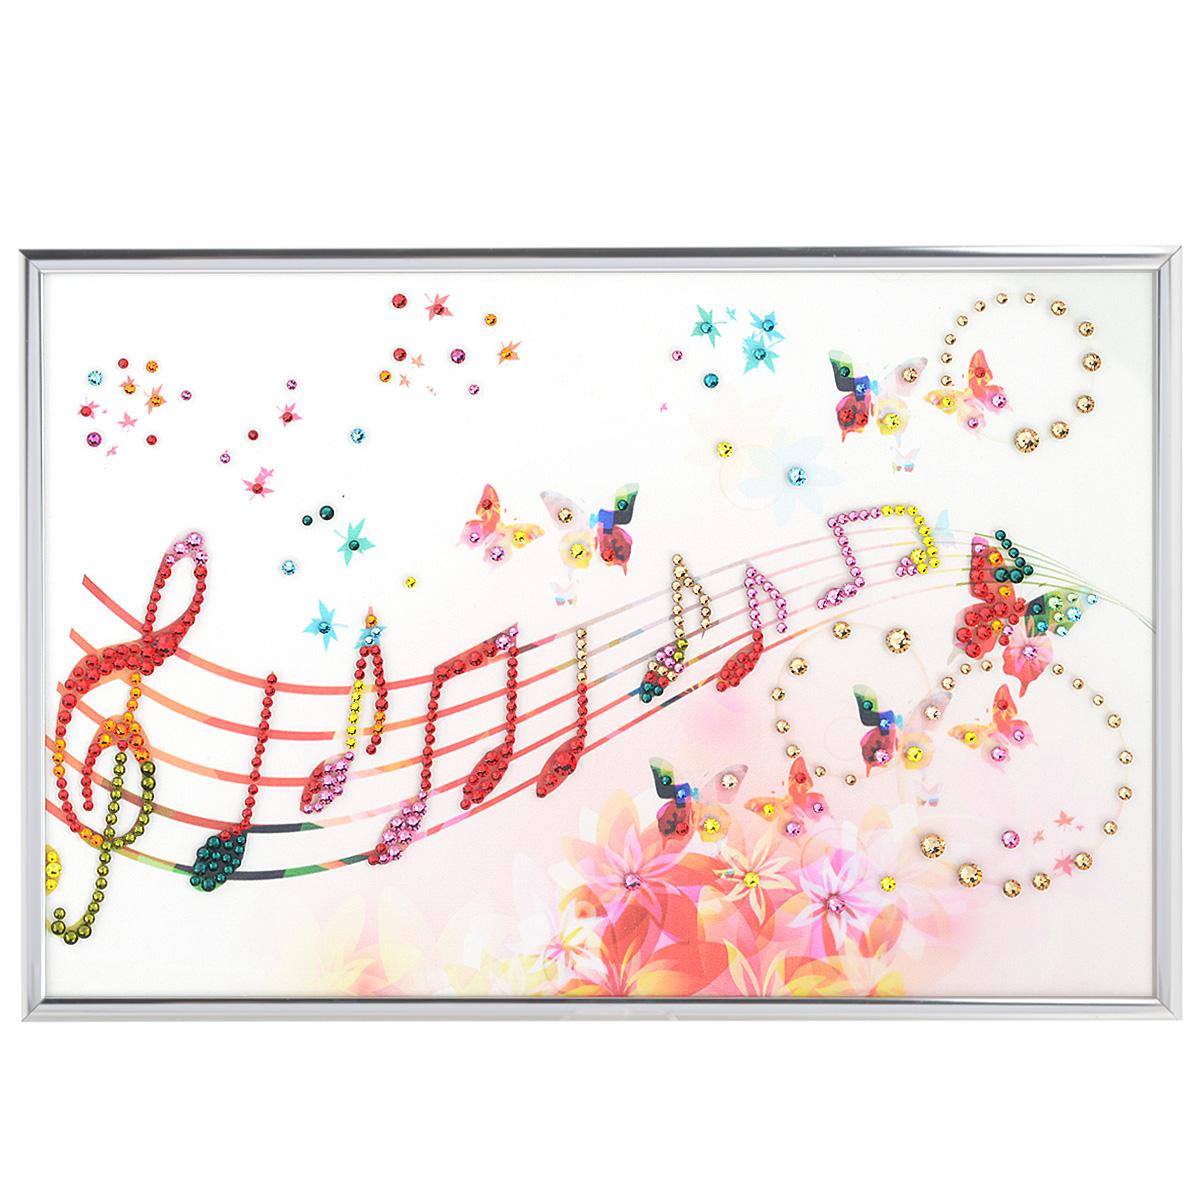 Картина с кристаллами Swarovski Музыка настроения, 30 см х 20 см1347Изящная картина в алюминиевой раме Музыка настроения инкрустирована кристаллами Swarovski, которые отличаются четкой и ровной огранкой, ярким блеском и чистотой цвета. Идеально подобранная палитра кристаллов прекрасно дополняет картину. С задней стороны изделие оснащено специальной металлической петелькой для размещения на стене. Картина с кристаллами Swarovski элегантно украсит интерьер дома, а также станет прекрасным подарком, который обязательно понравится получателю. Блеск кристаллов в интерьере - что может быть сказочнее и удивительнее. Изделие упаковано в подарочную картонную коробку синего цвета и комплектуется сертификатом соответствия Swarovski.